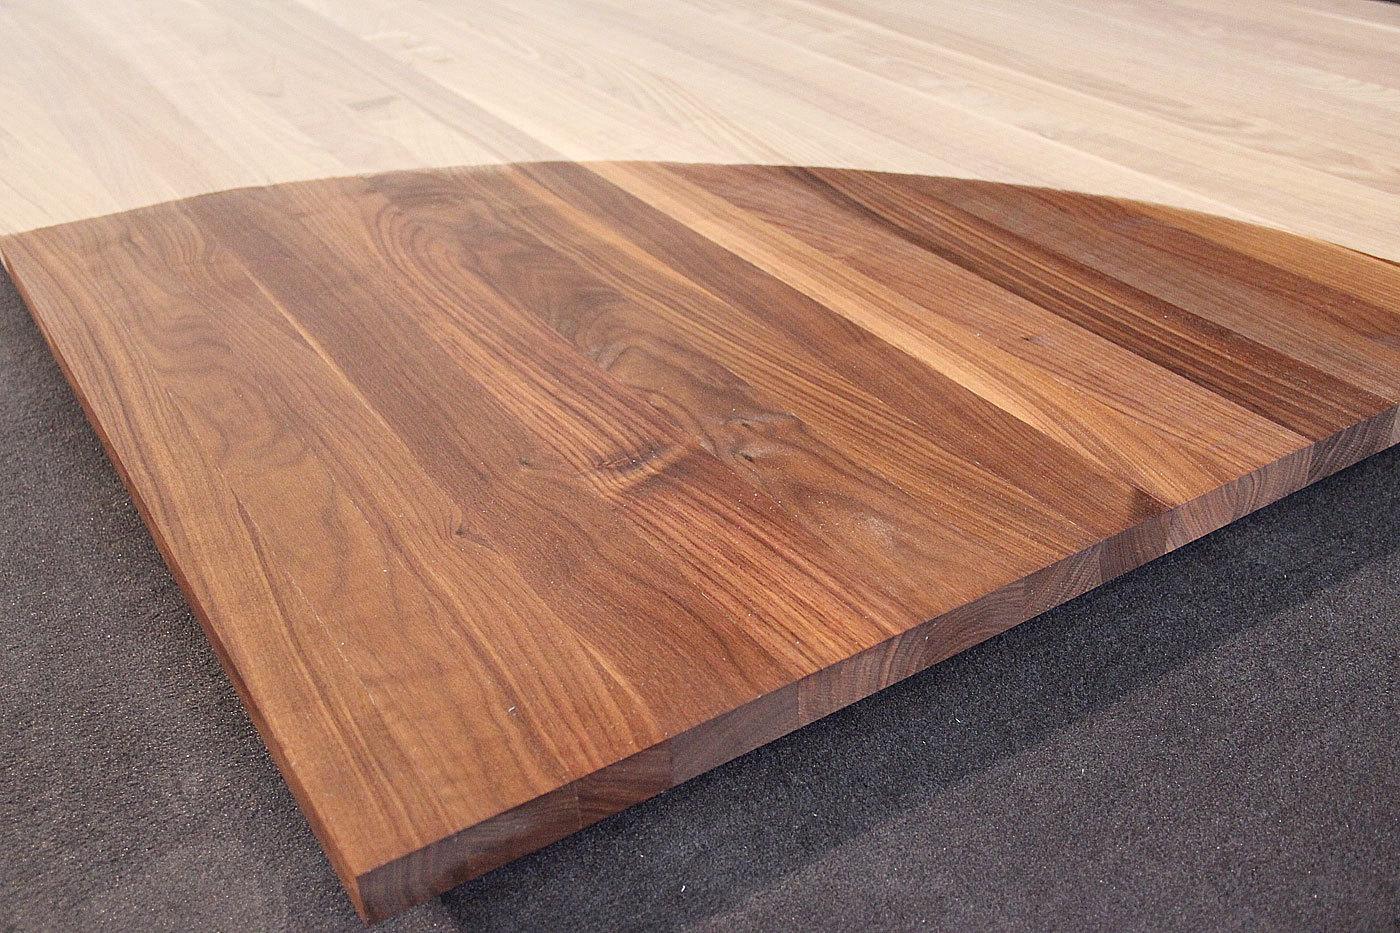 m belbauplatte amerikanischer nussbaum black walnut dl 26 1210. Black Bedroom Furniture Sets. Home Design Ideas